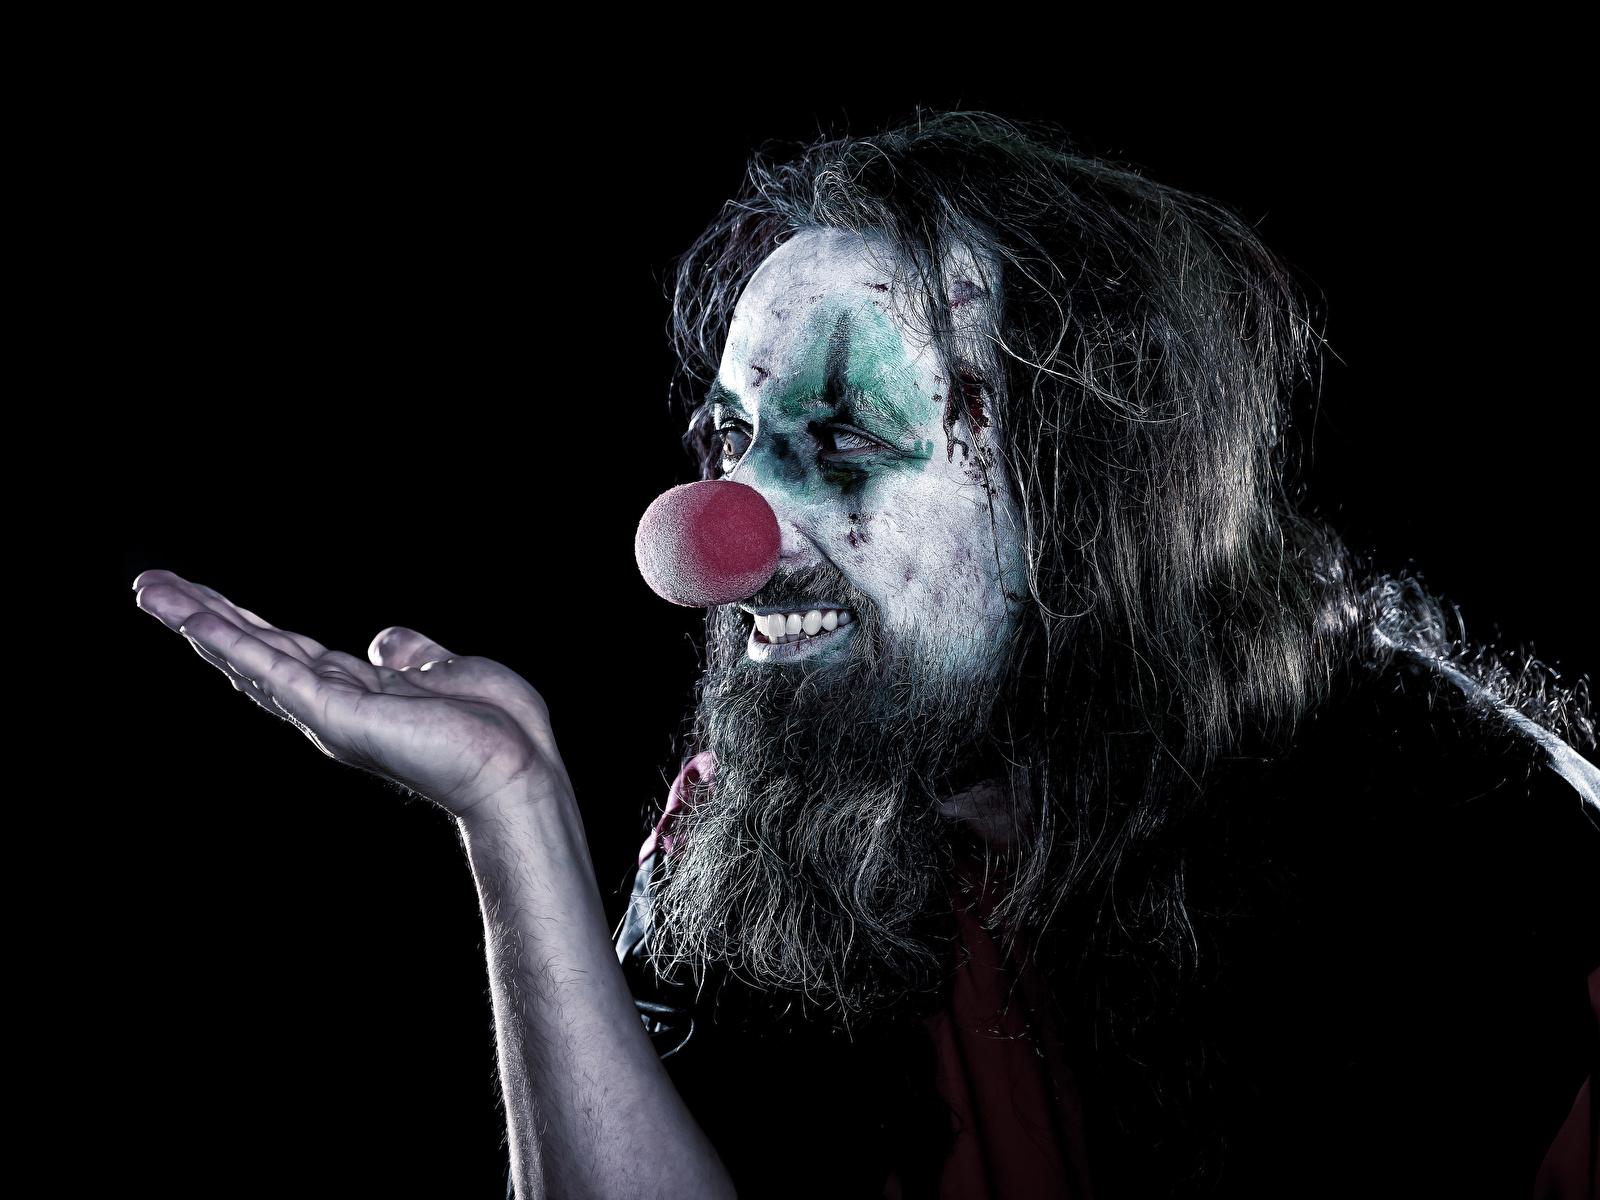 Фотографии Мужчины Макияж Клоун Борода рука Черный фон 1600x1200 мужчина мейкап косметика на лице клоуны клоуна бородой бородатые бородатый Руки на черном фоне